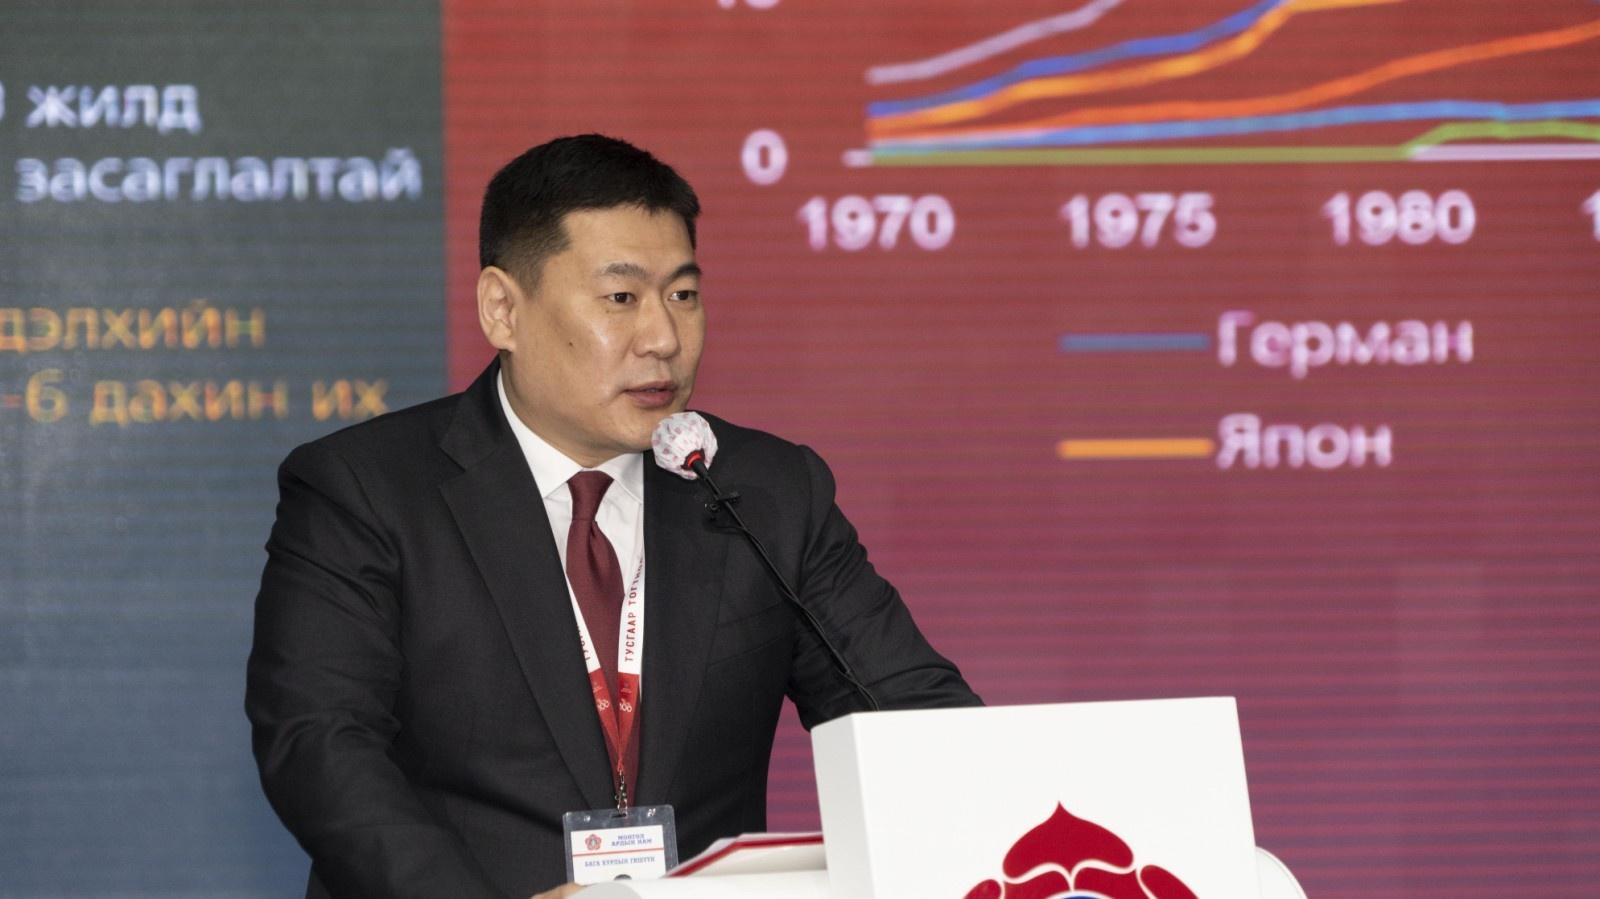 蒙古国总理奥云额尔登当选人民党主席